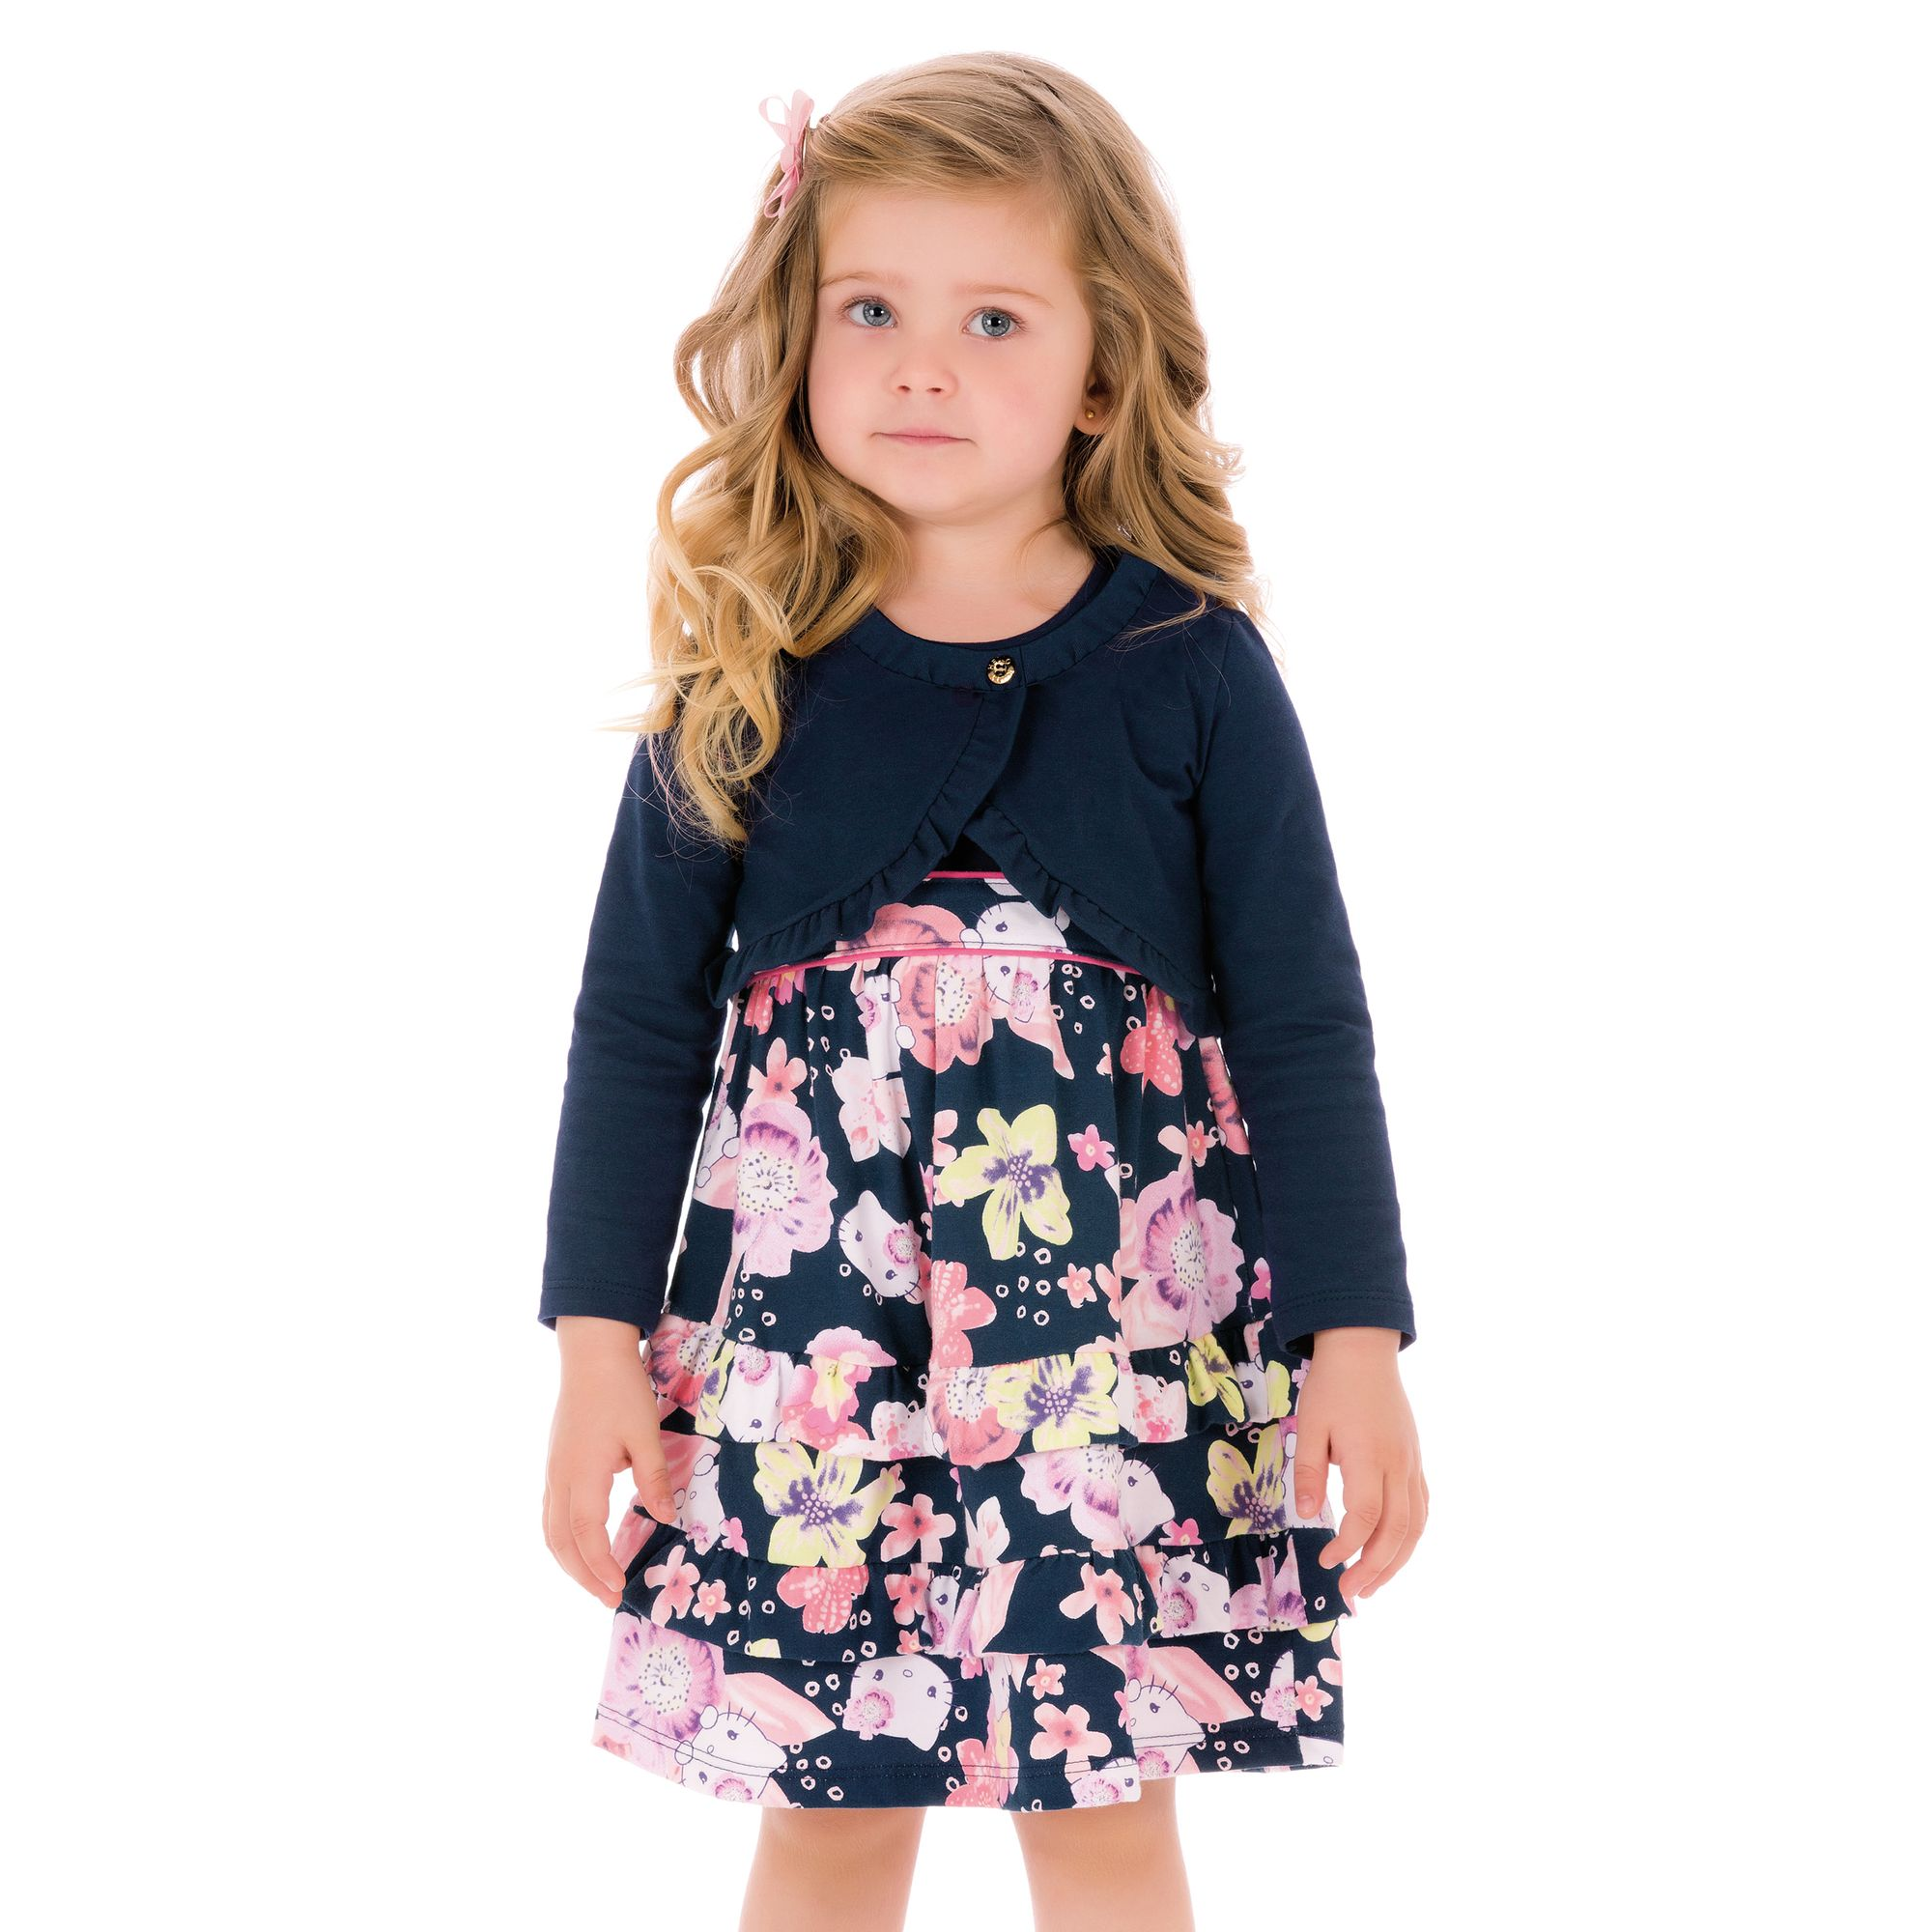 e64a674873 Conjunto Infantil Bolero e Vestido Estampado Azul Marinho e Rosa Hello Kitty  - Roupas para Meninas é na EcaMeleca Kids - EcaMeleca